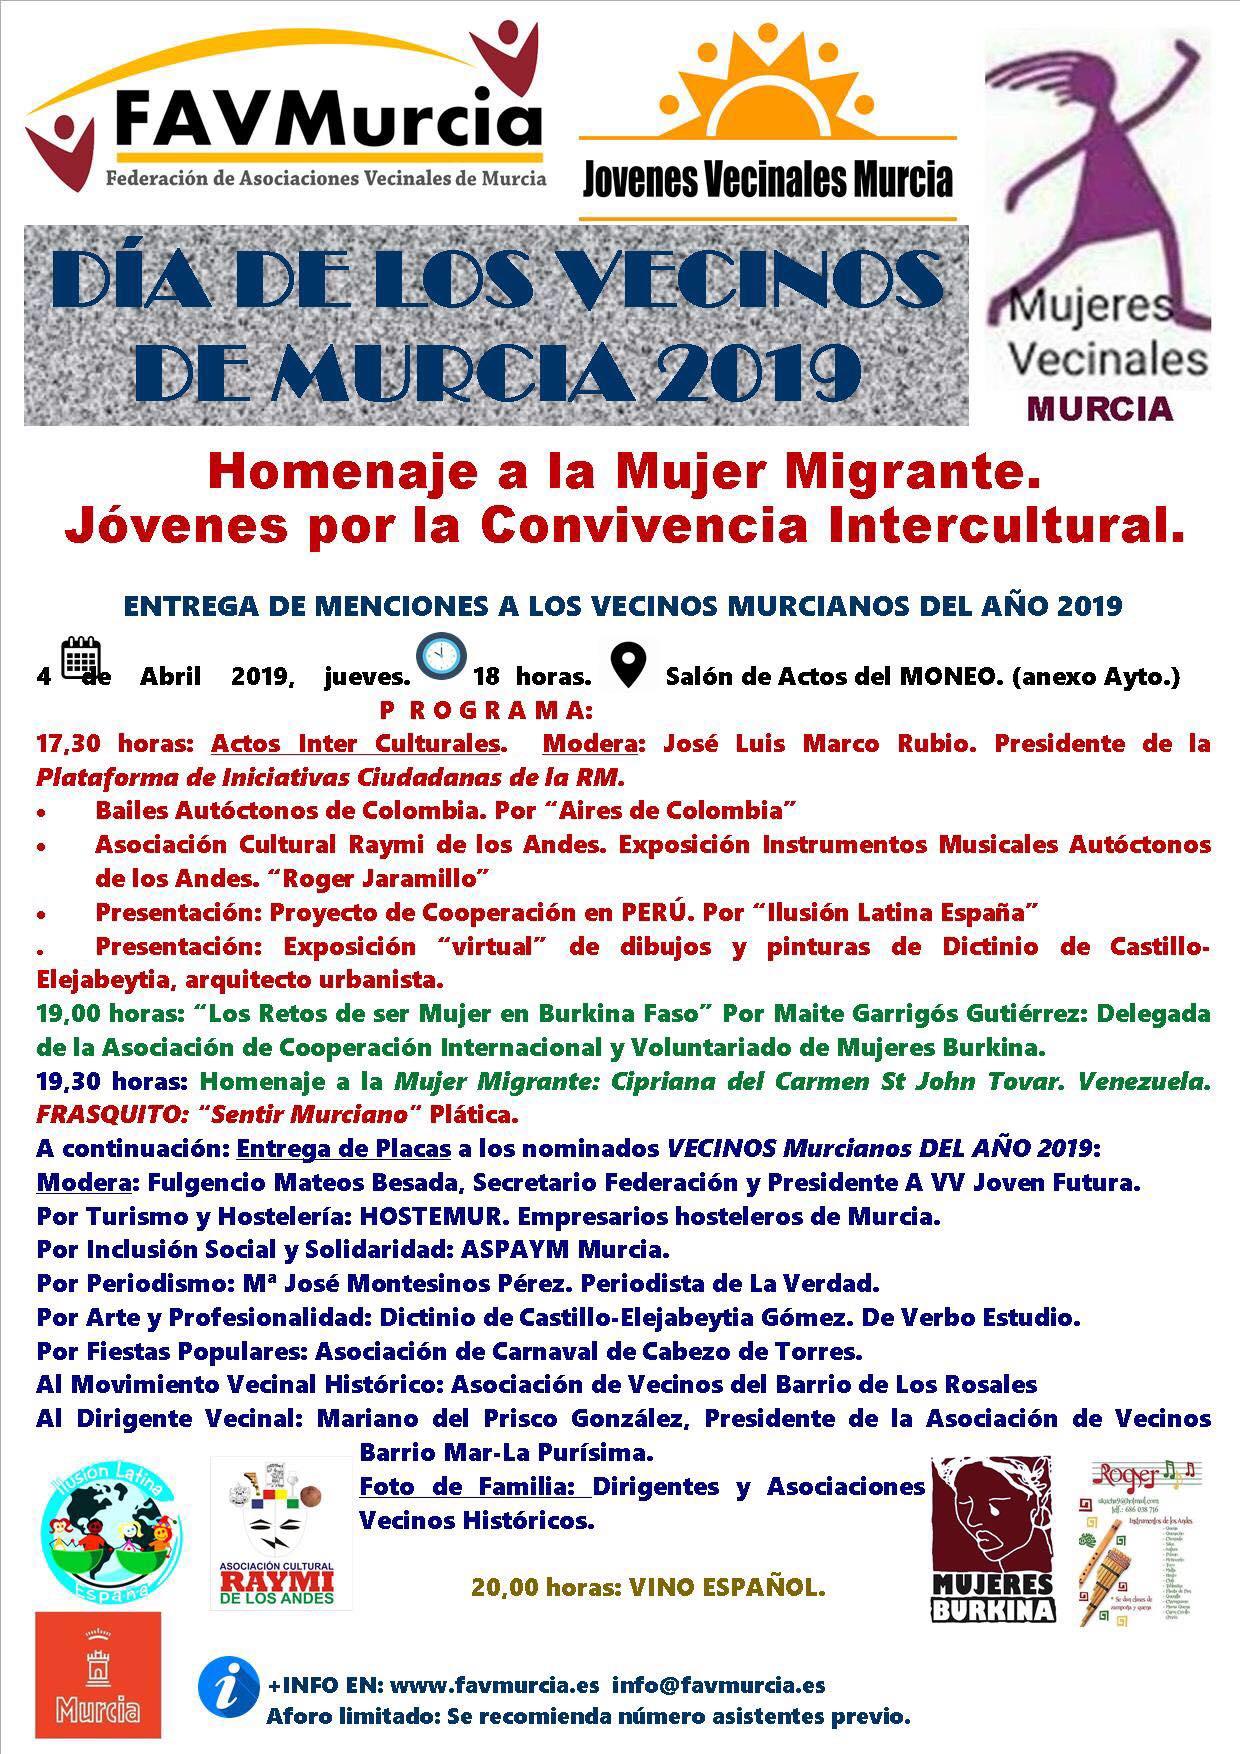 2019-04-06 Actividades Día del vecino - Homenaje a la mujer migrante - FAVMurcia